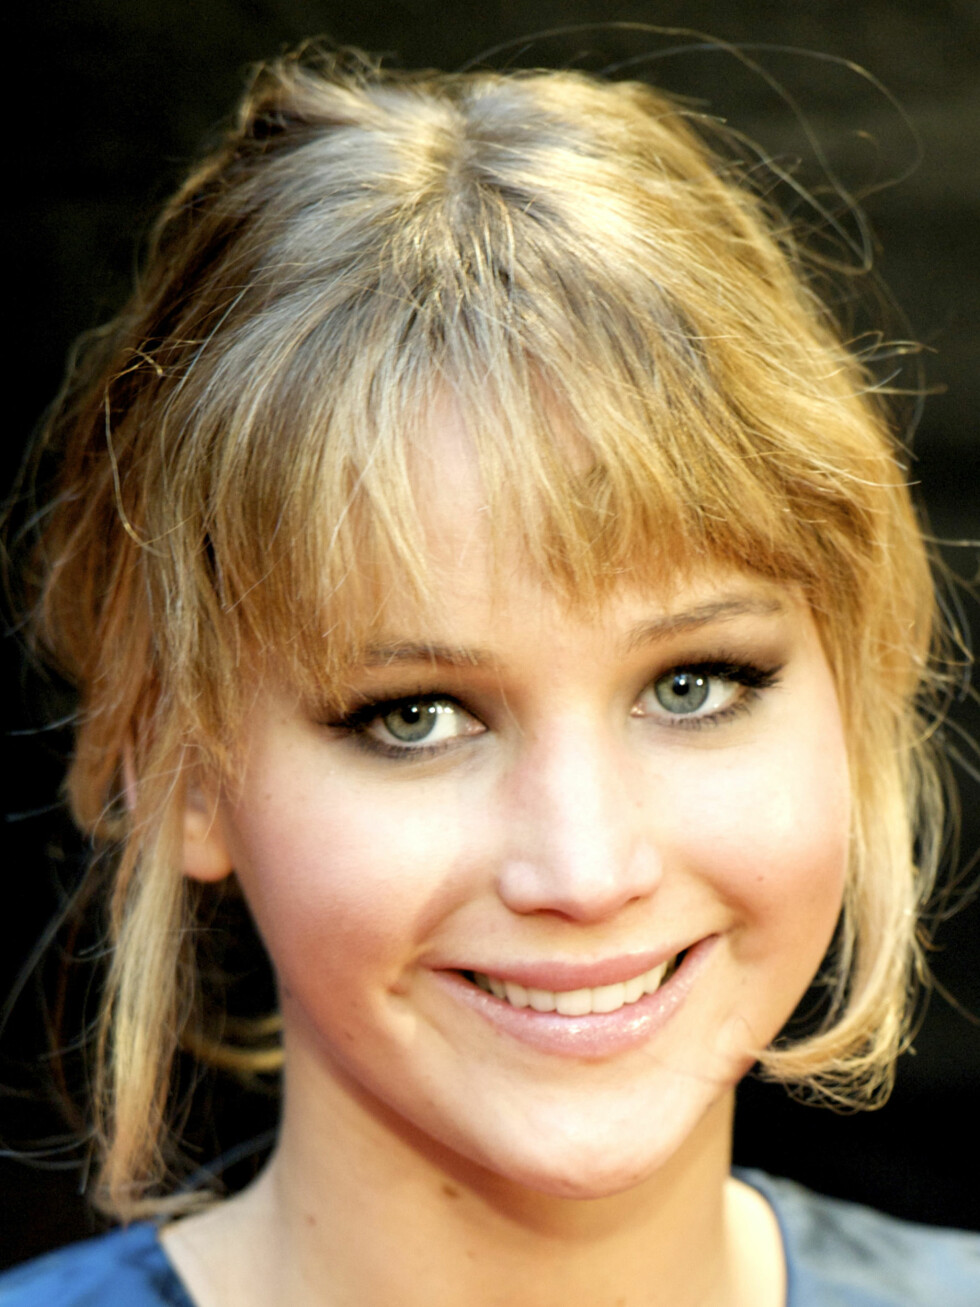 Selv med hverdagshår ser Jennifer Lawrence bedre ut med de lysere lokkene.  Foto: REX/Picture Perfect/All Over Press